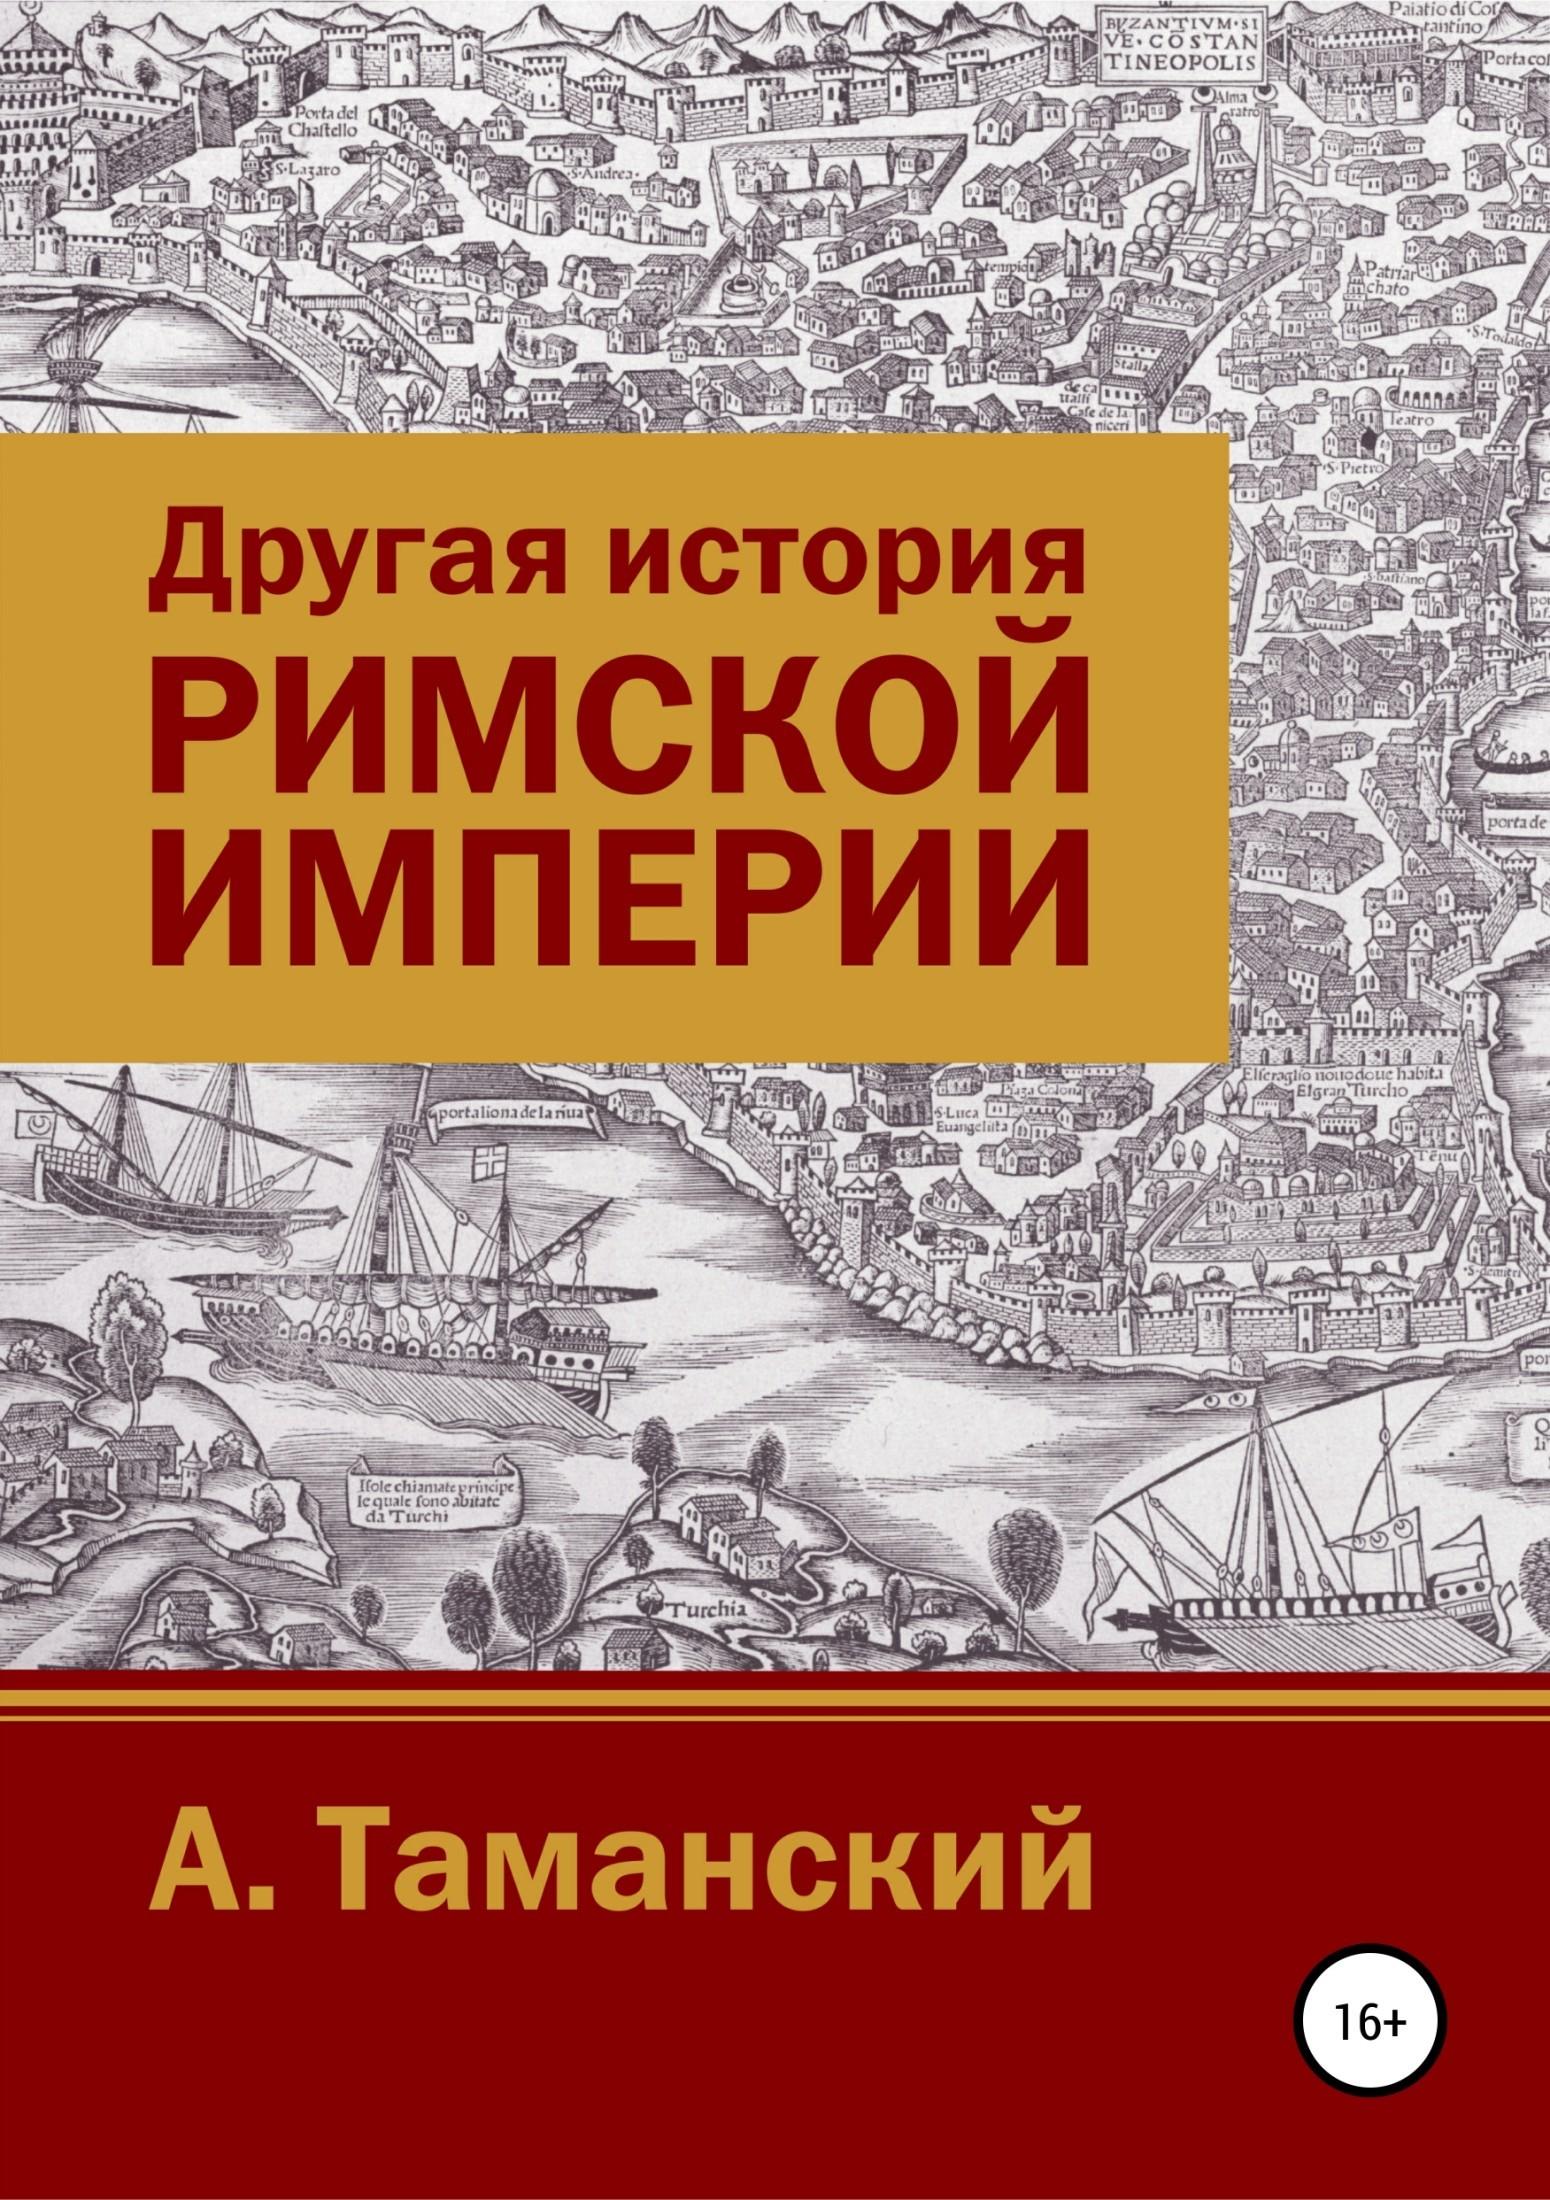 Александр Таманский - Другая история Римской империи